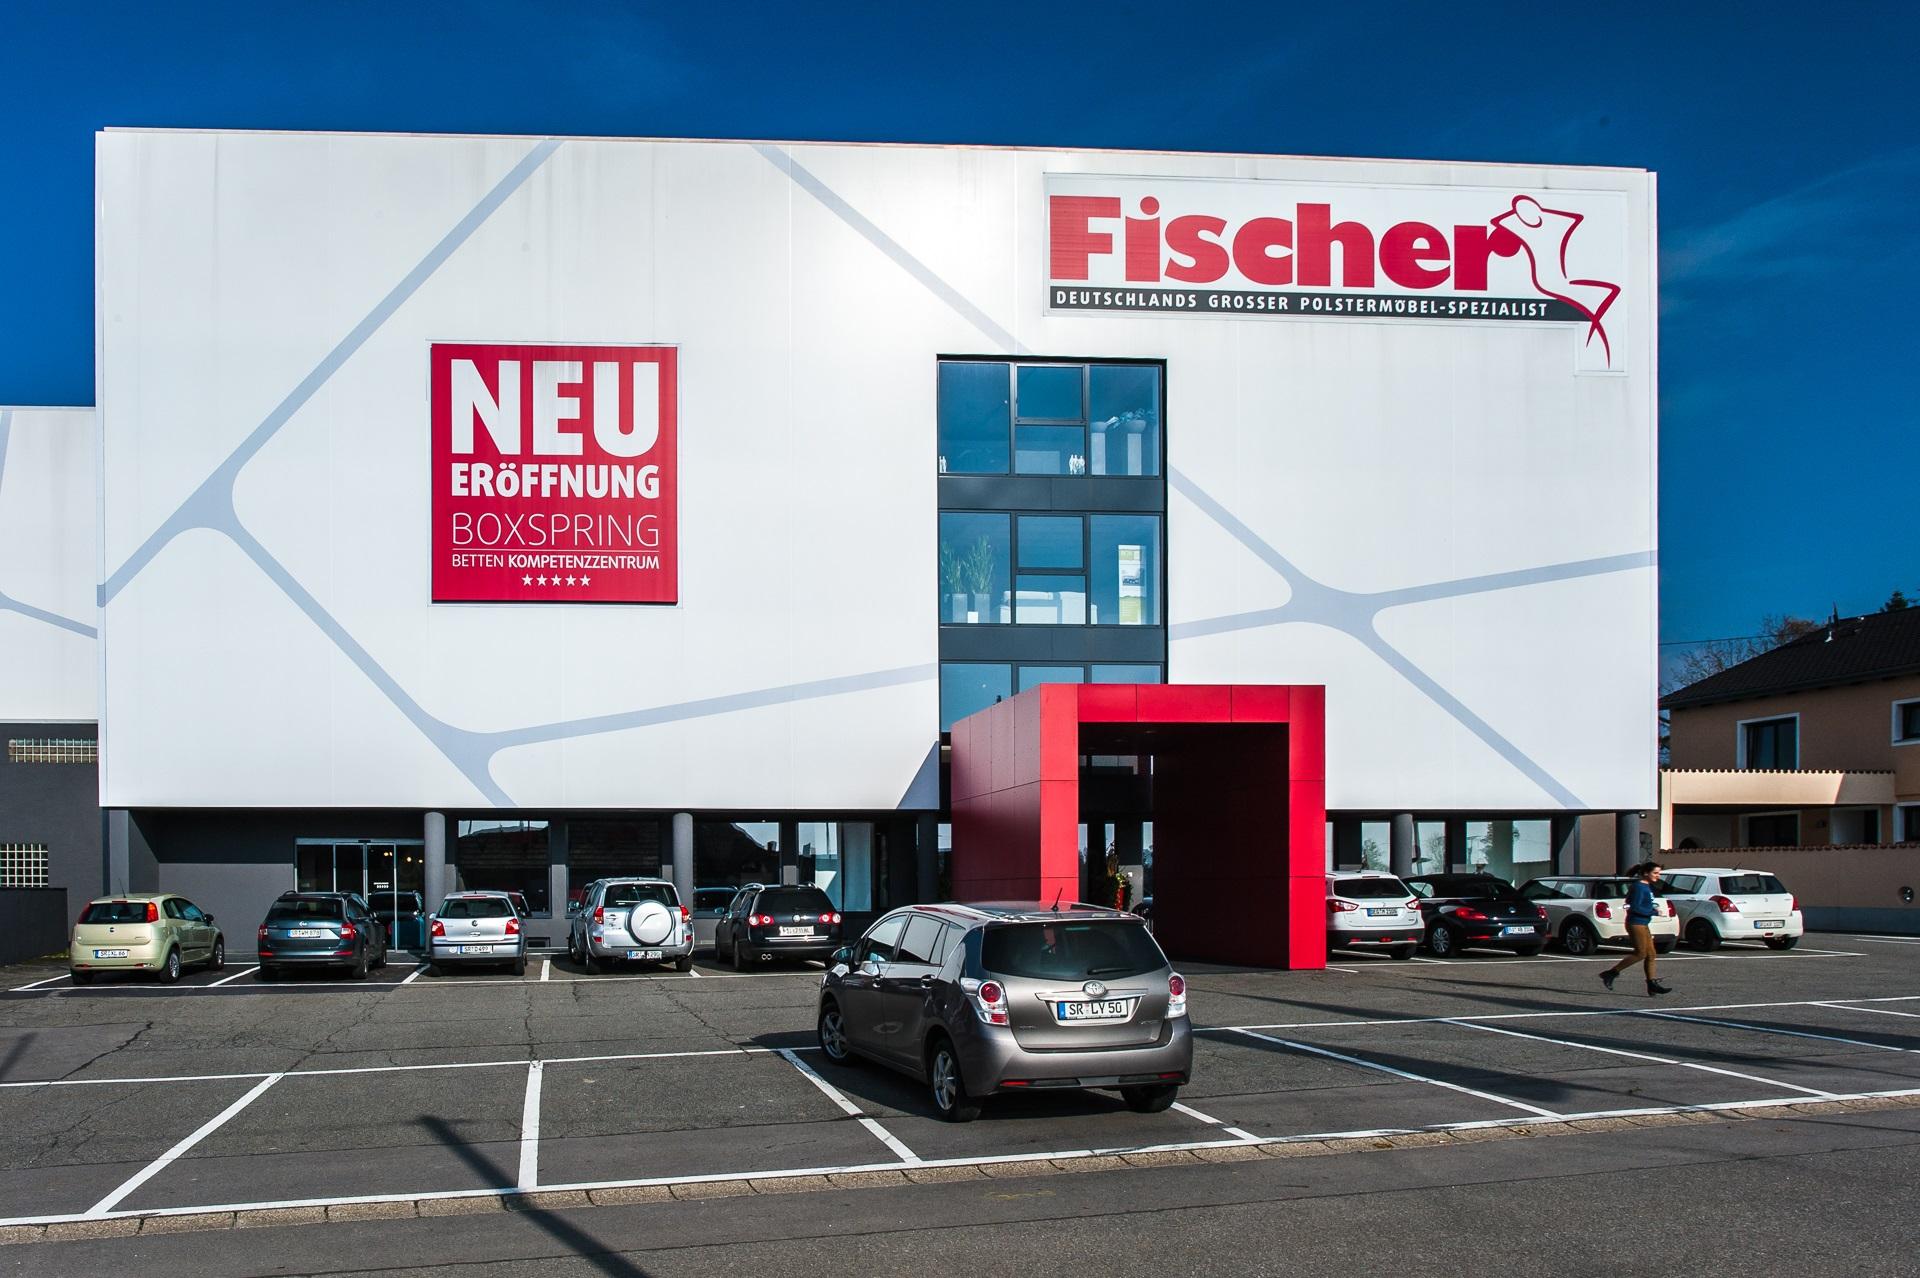 polstermoebel-fischer-max-fischer-gmbh--steinach-b-straubing banner